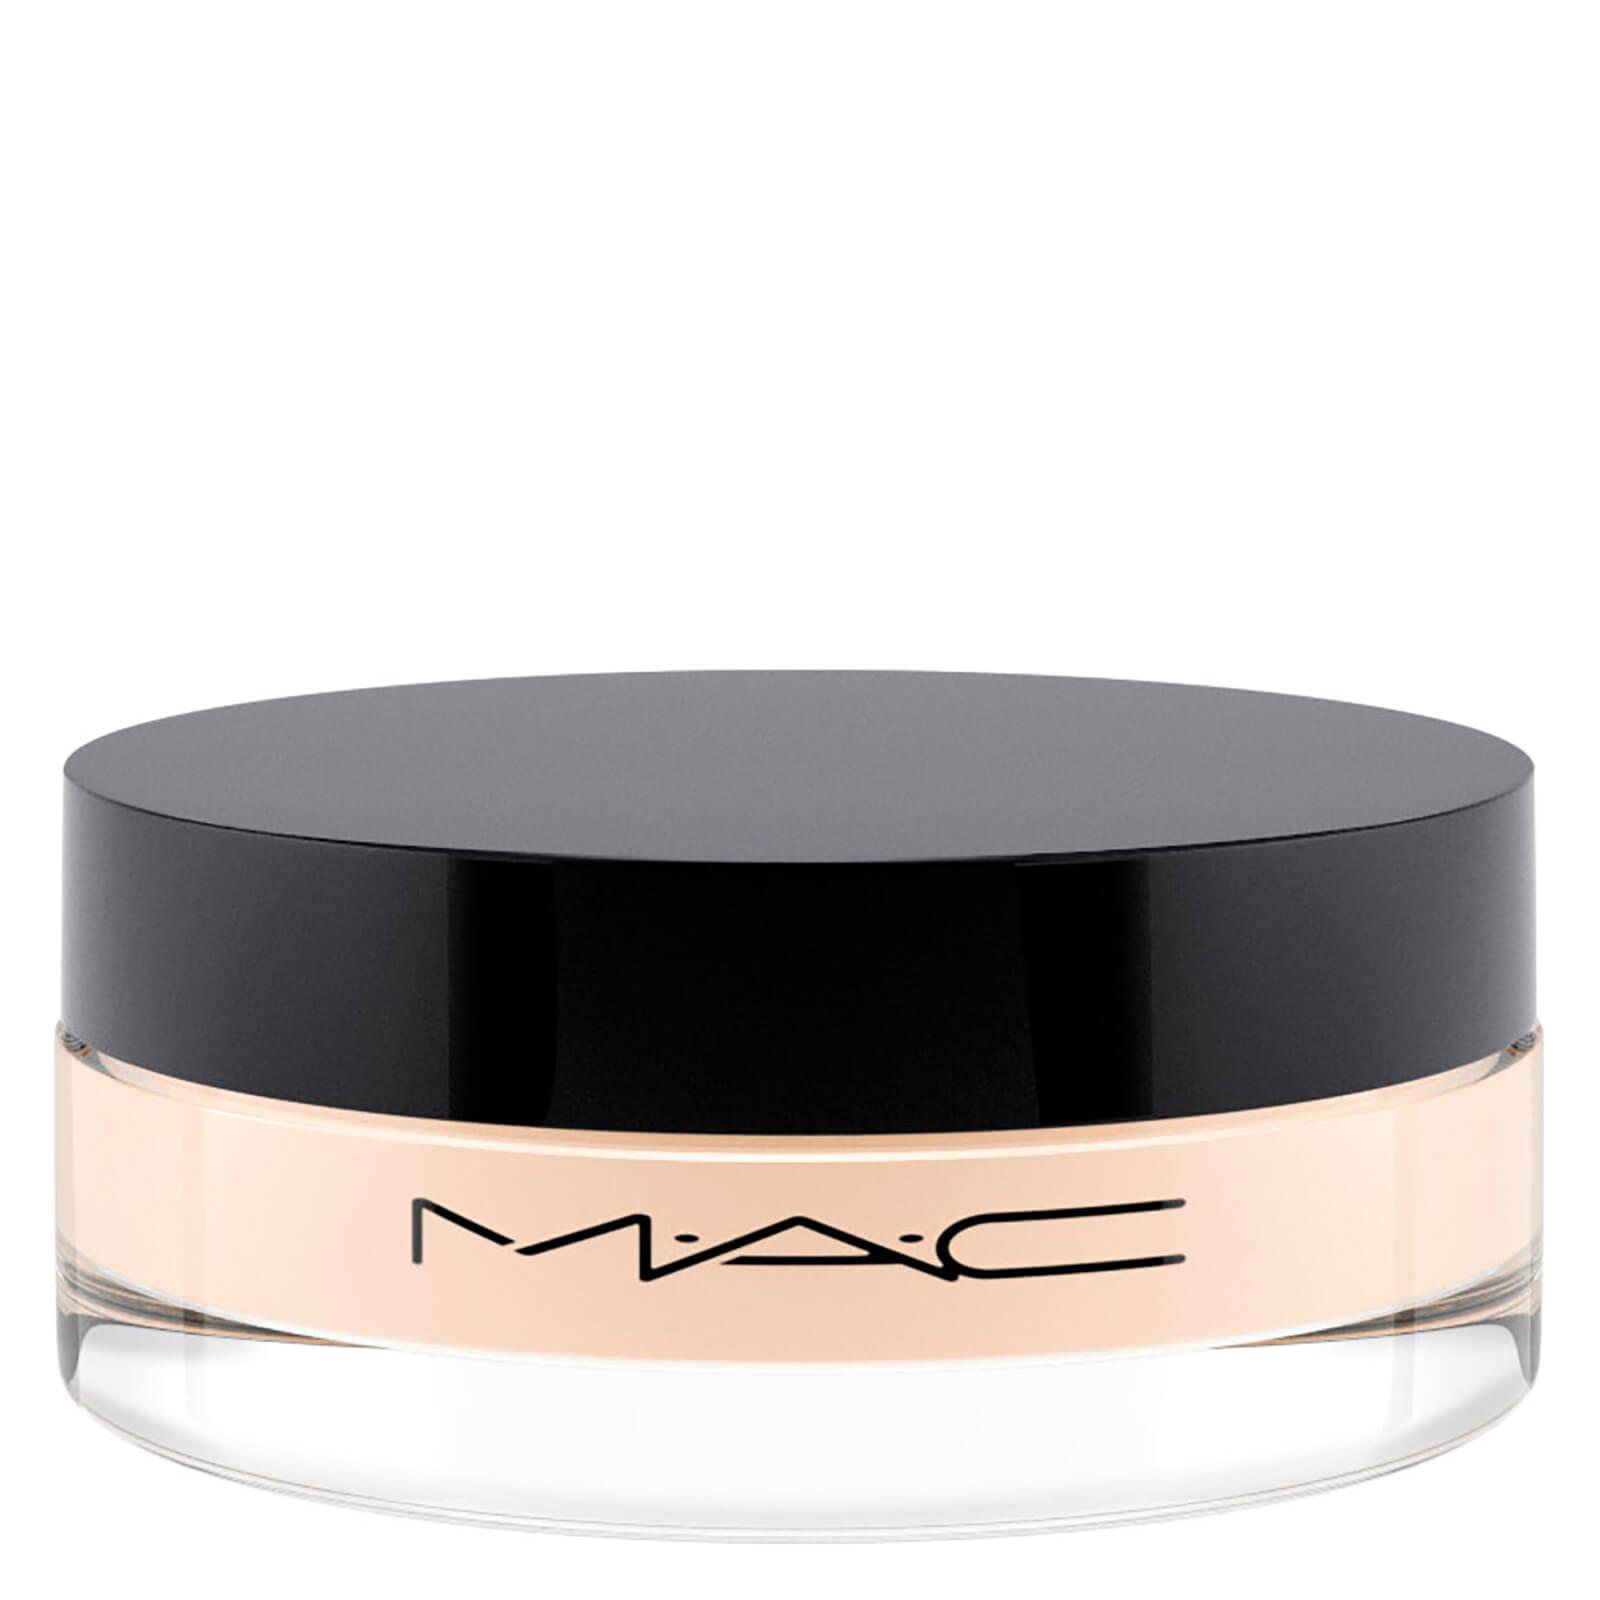 MAC Studio Fix Perfecting Powder (Various Shades) | Free Shipping | Lookfantastic